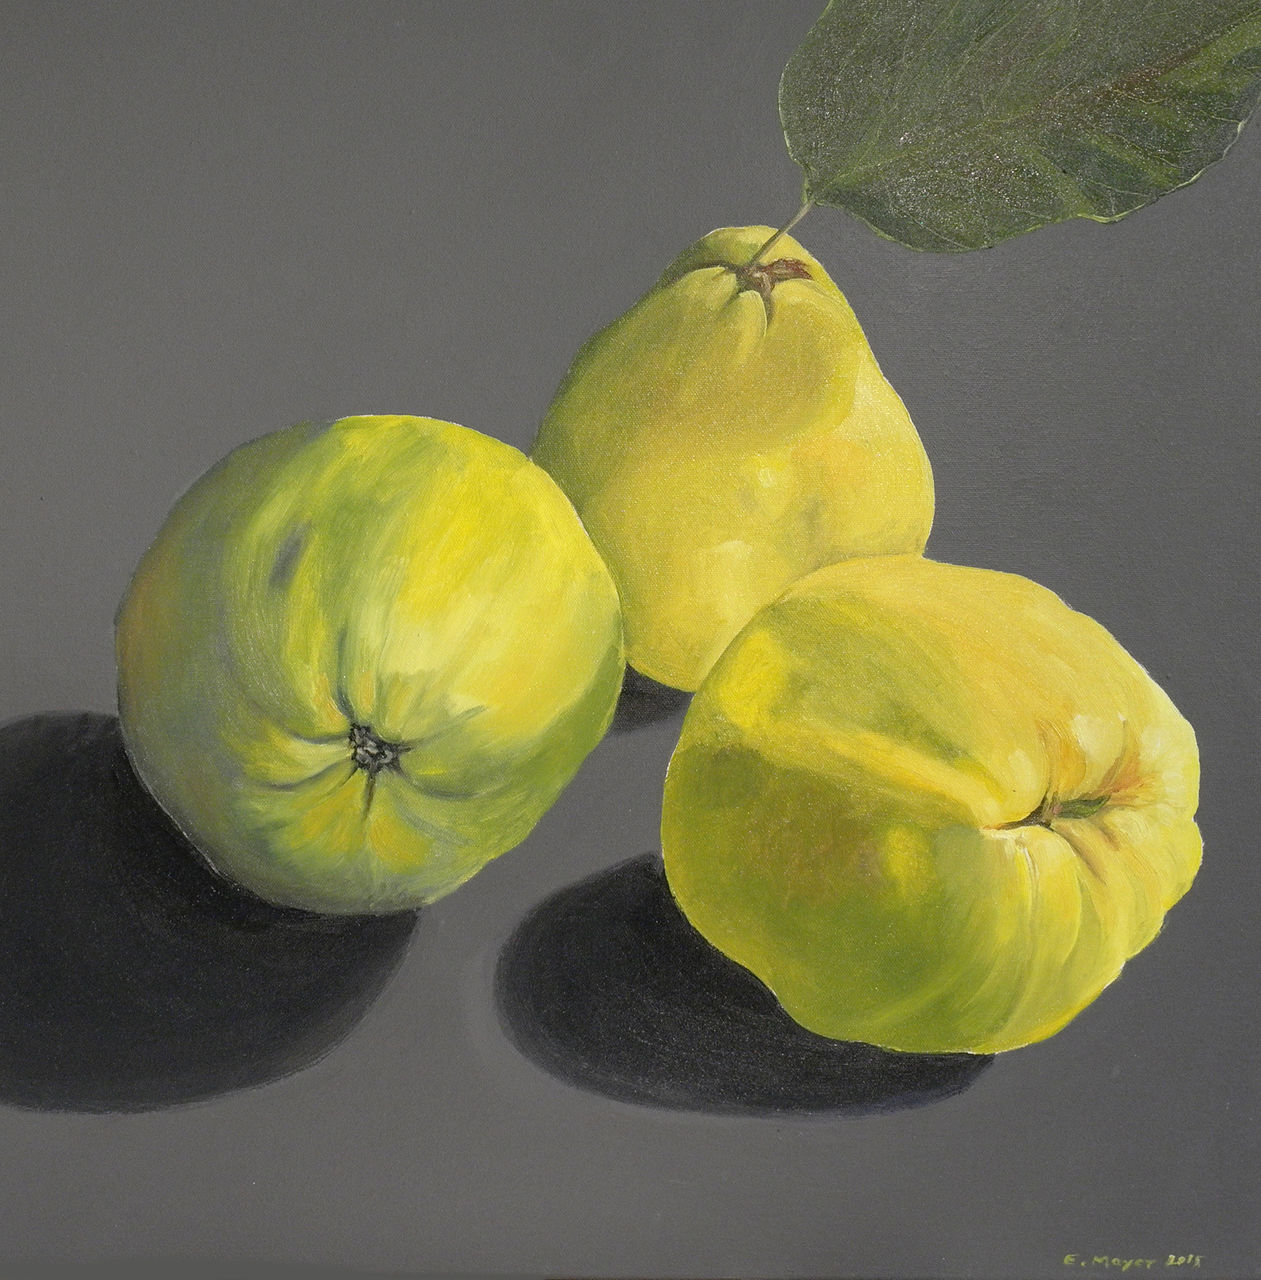 Bild: Quitten, Obst, Gelb, Grau von erich mayer bei KunstNet